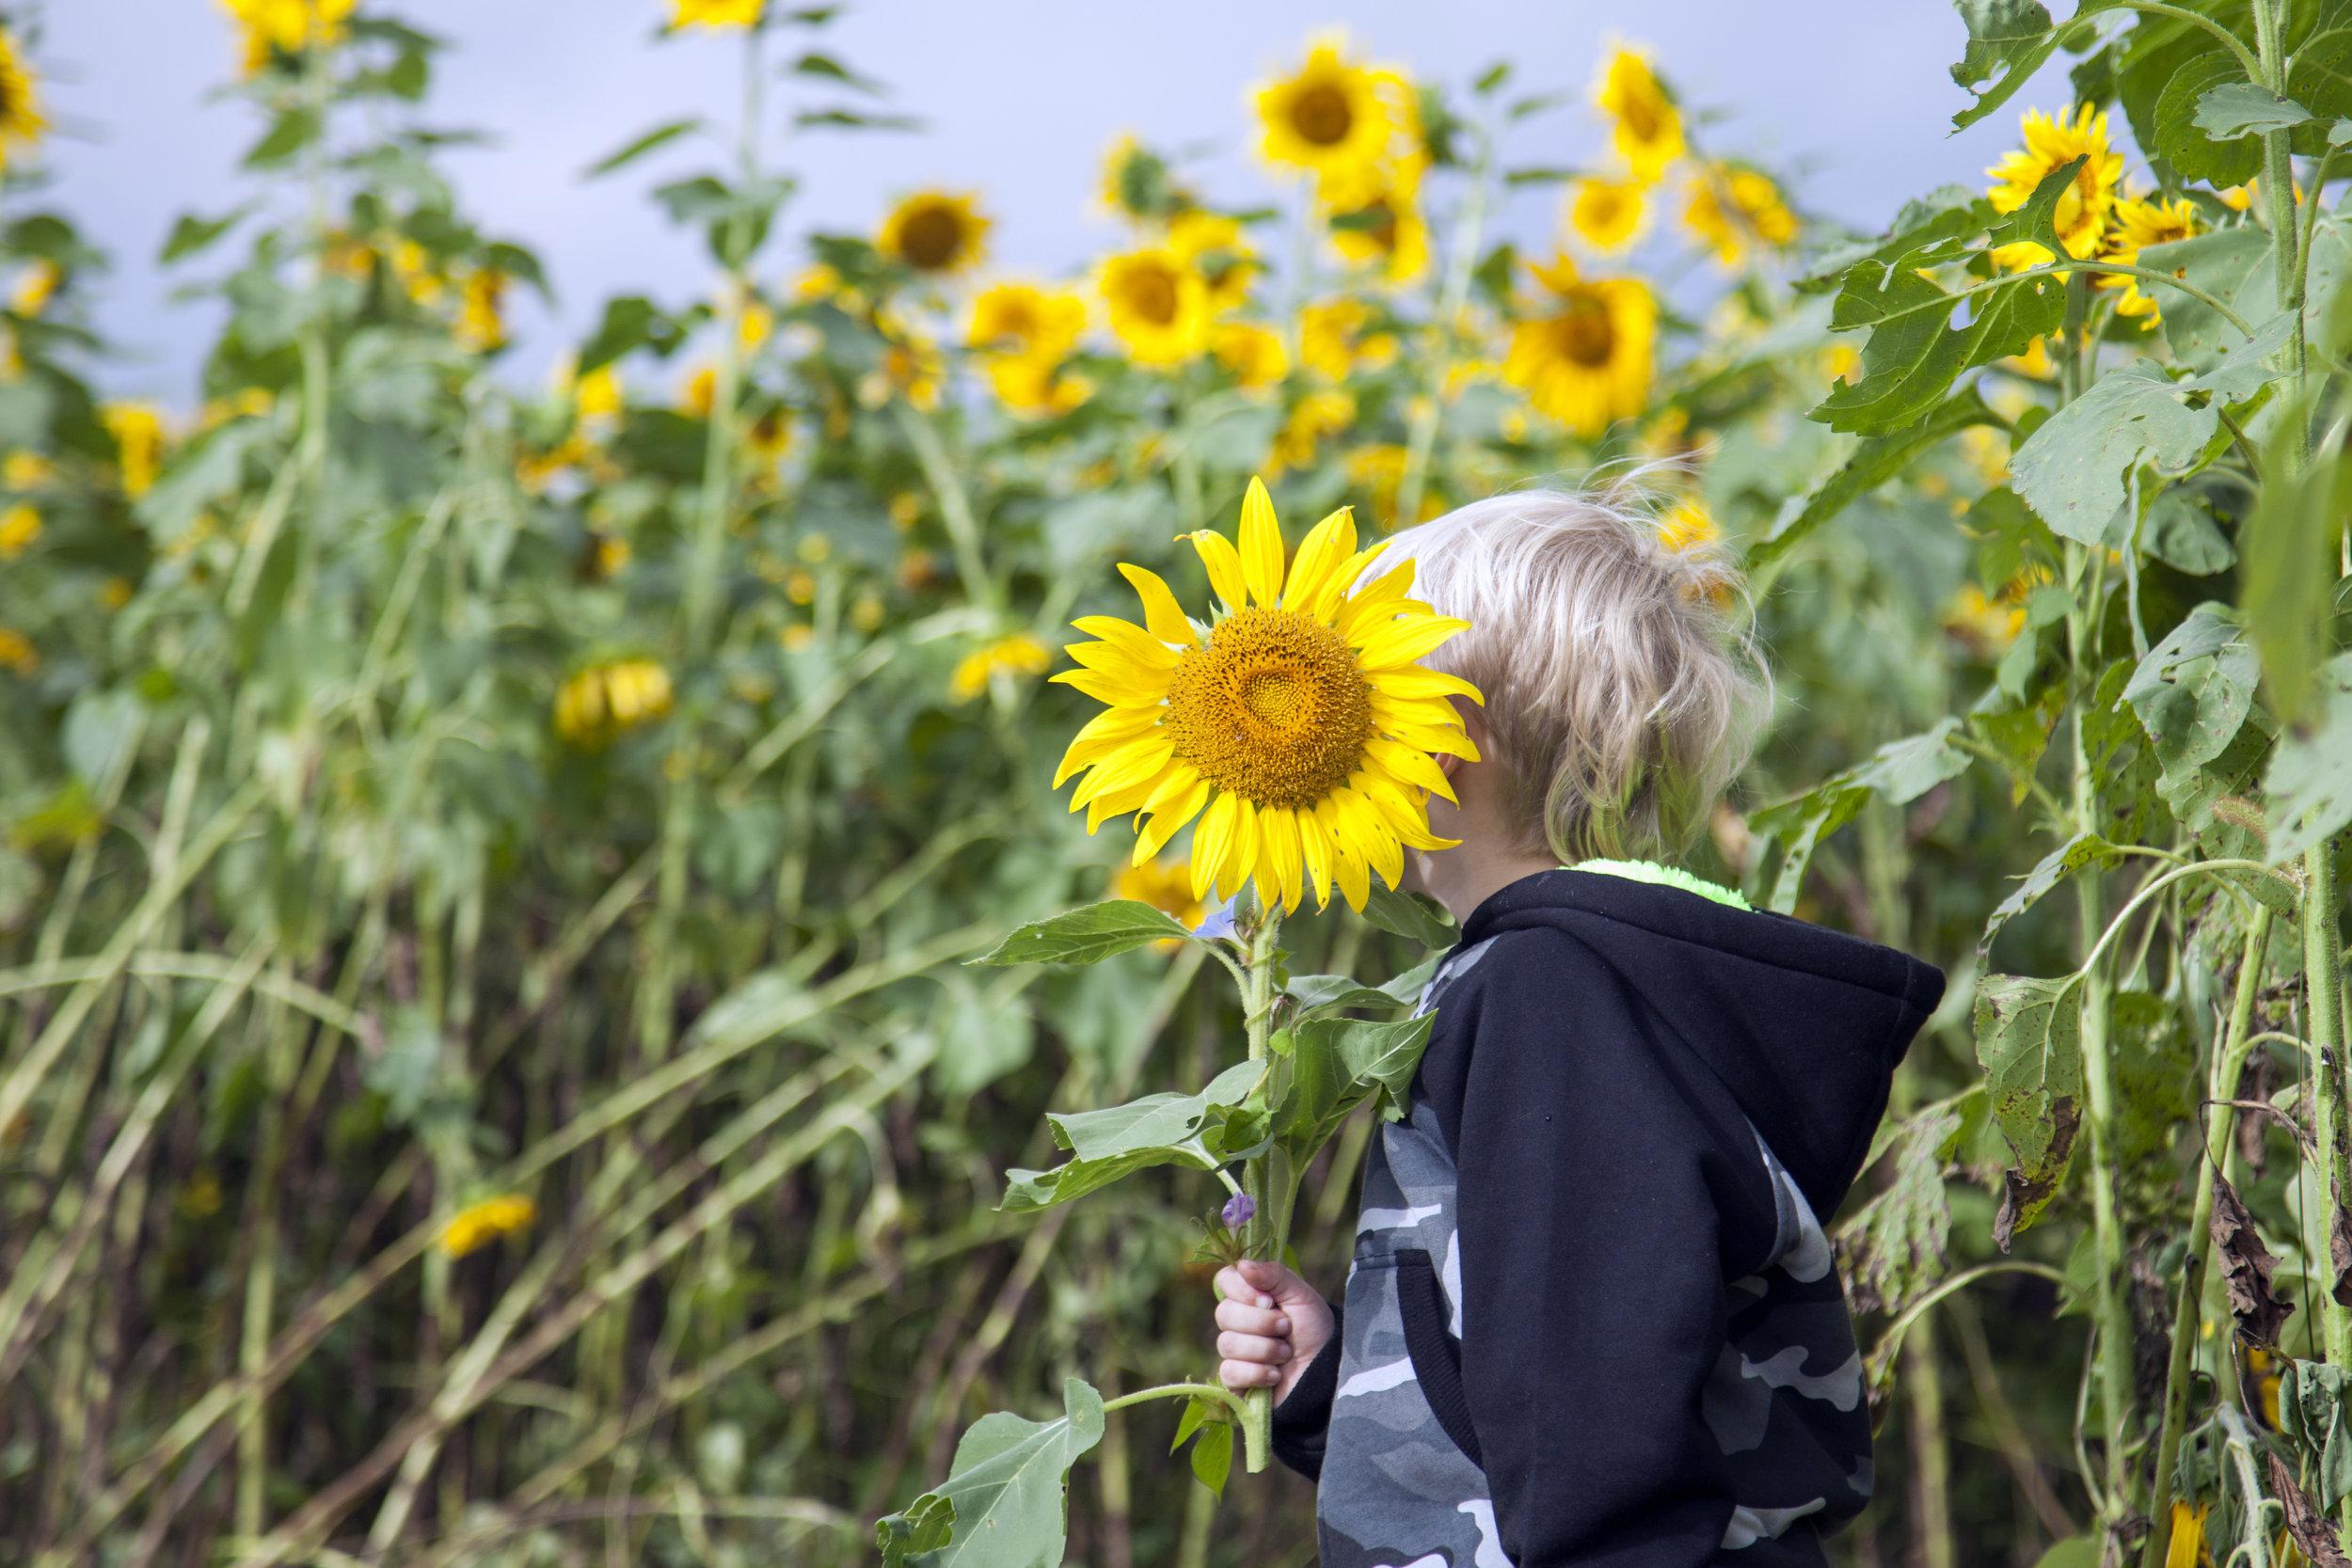 sunflower9.jpg